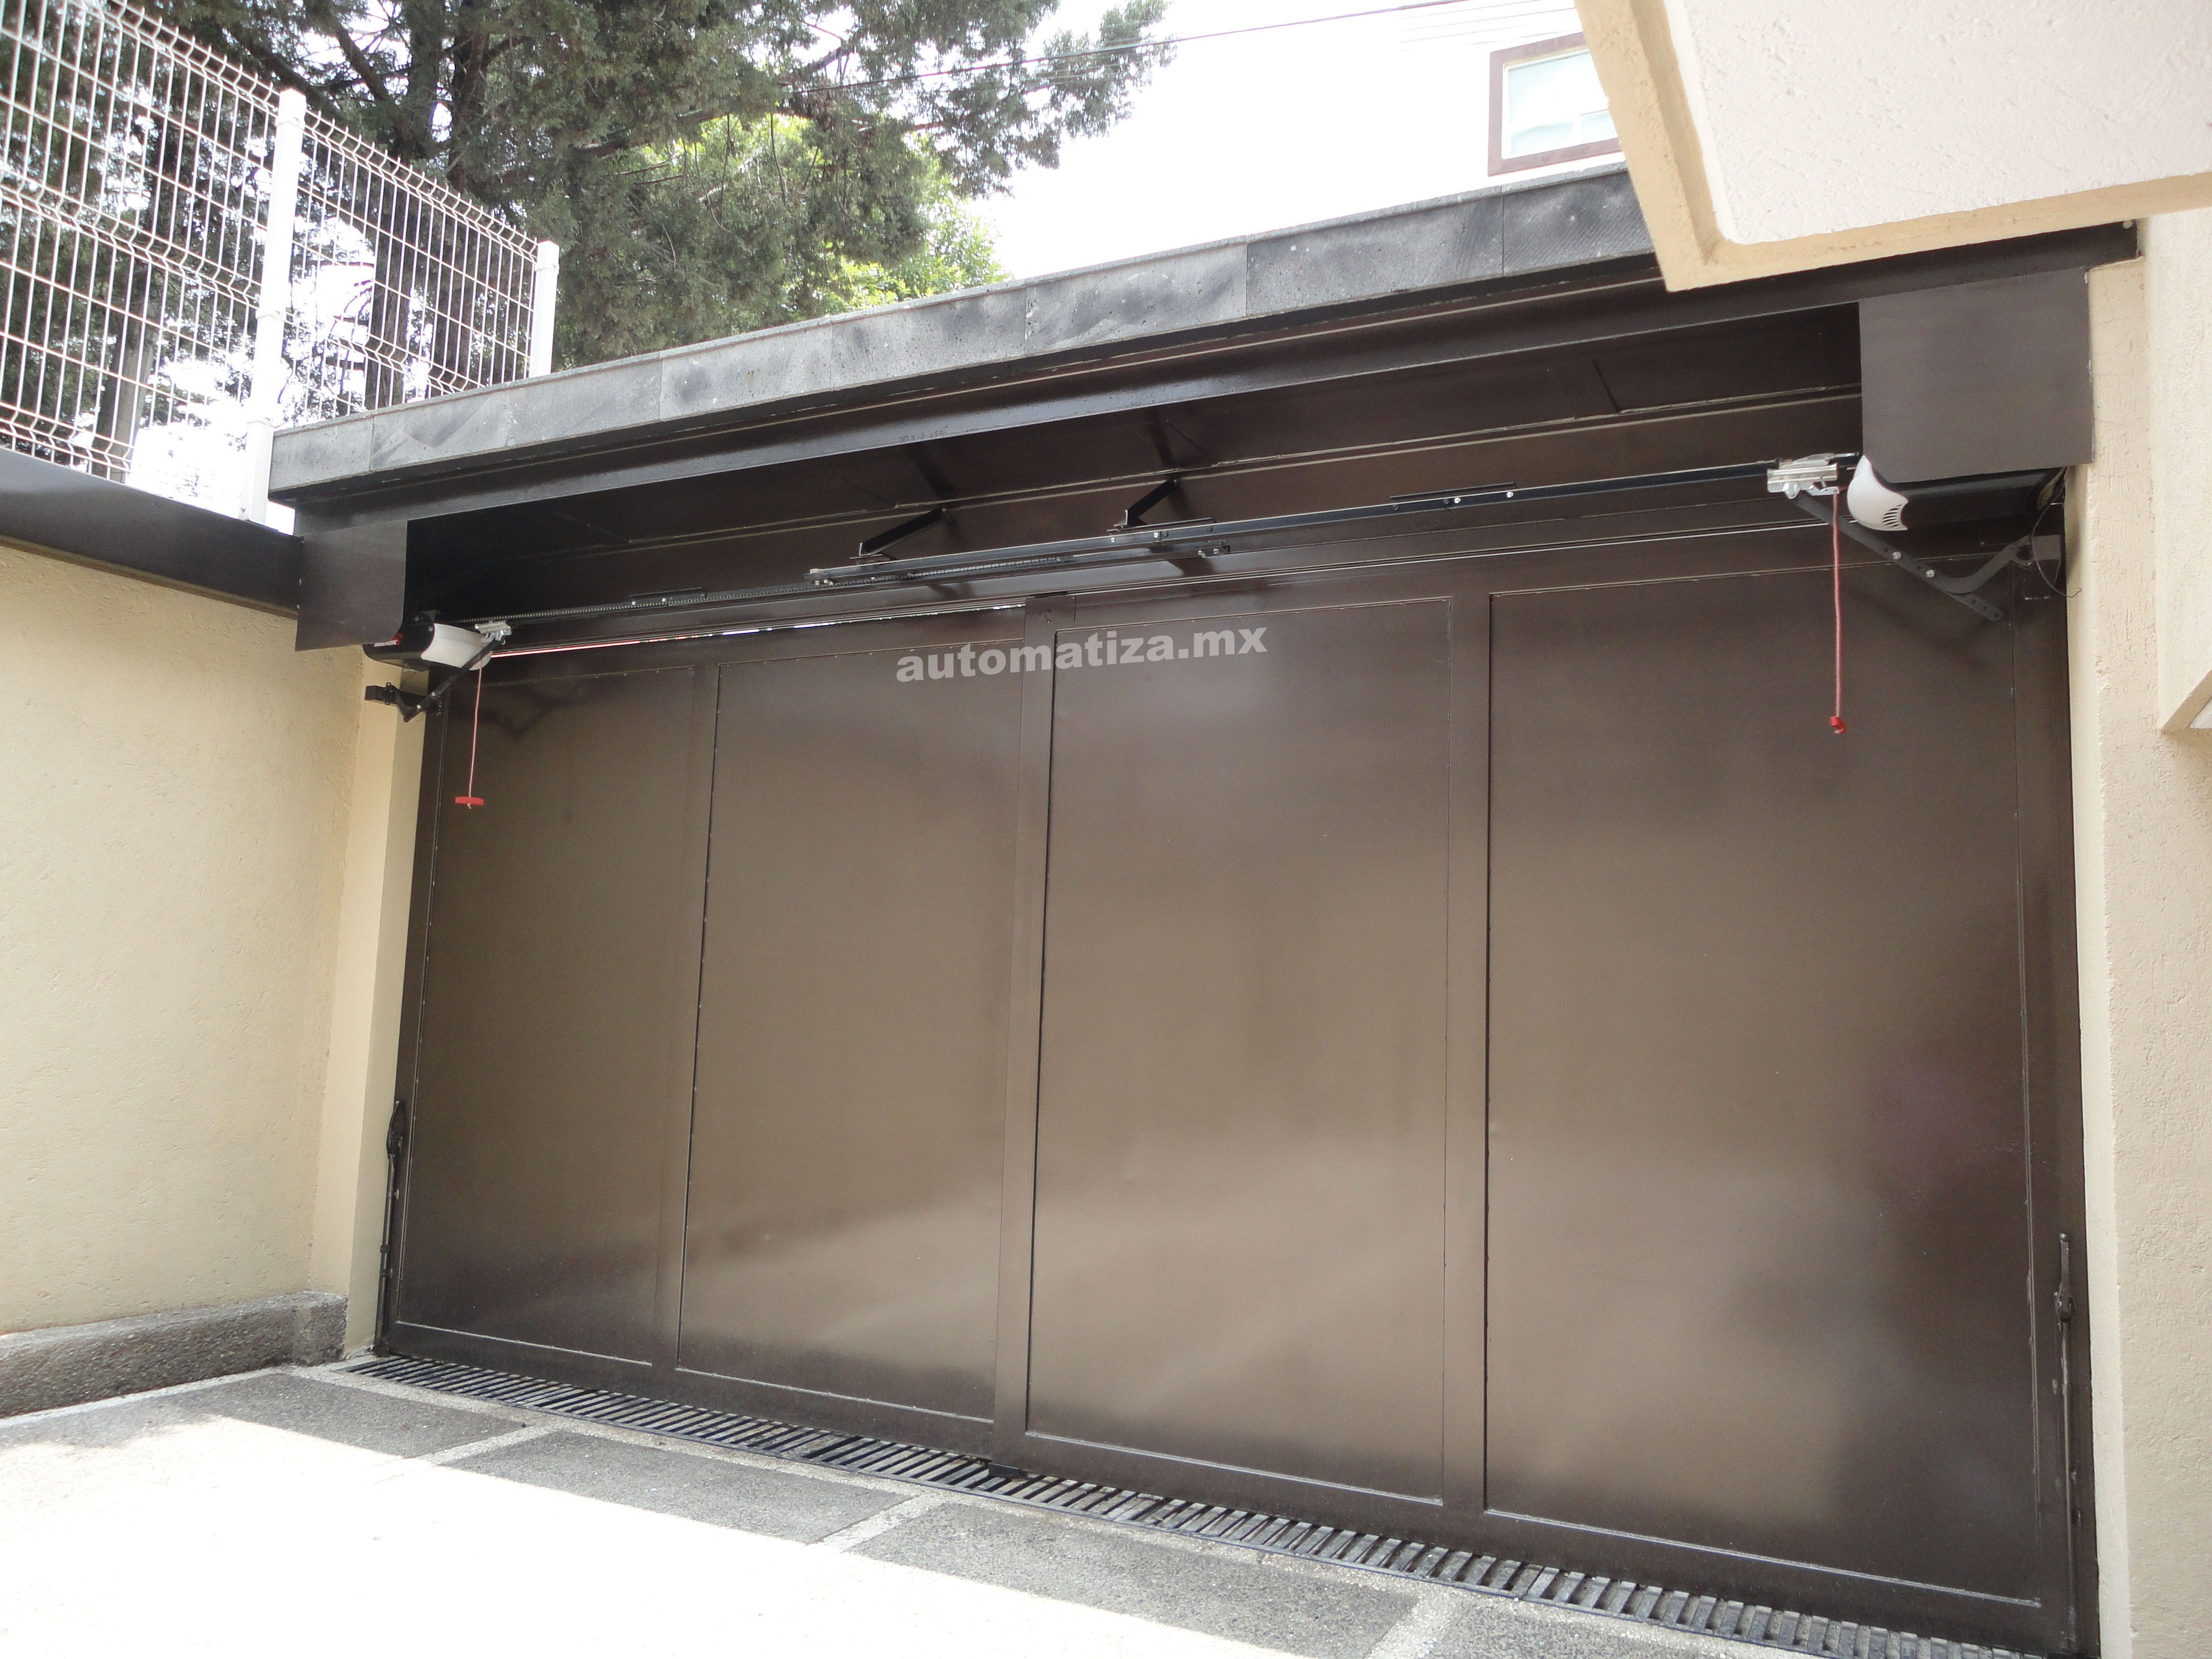 Materiales empleados en la fabricación de puertas. Parte II